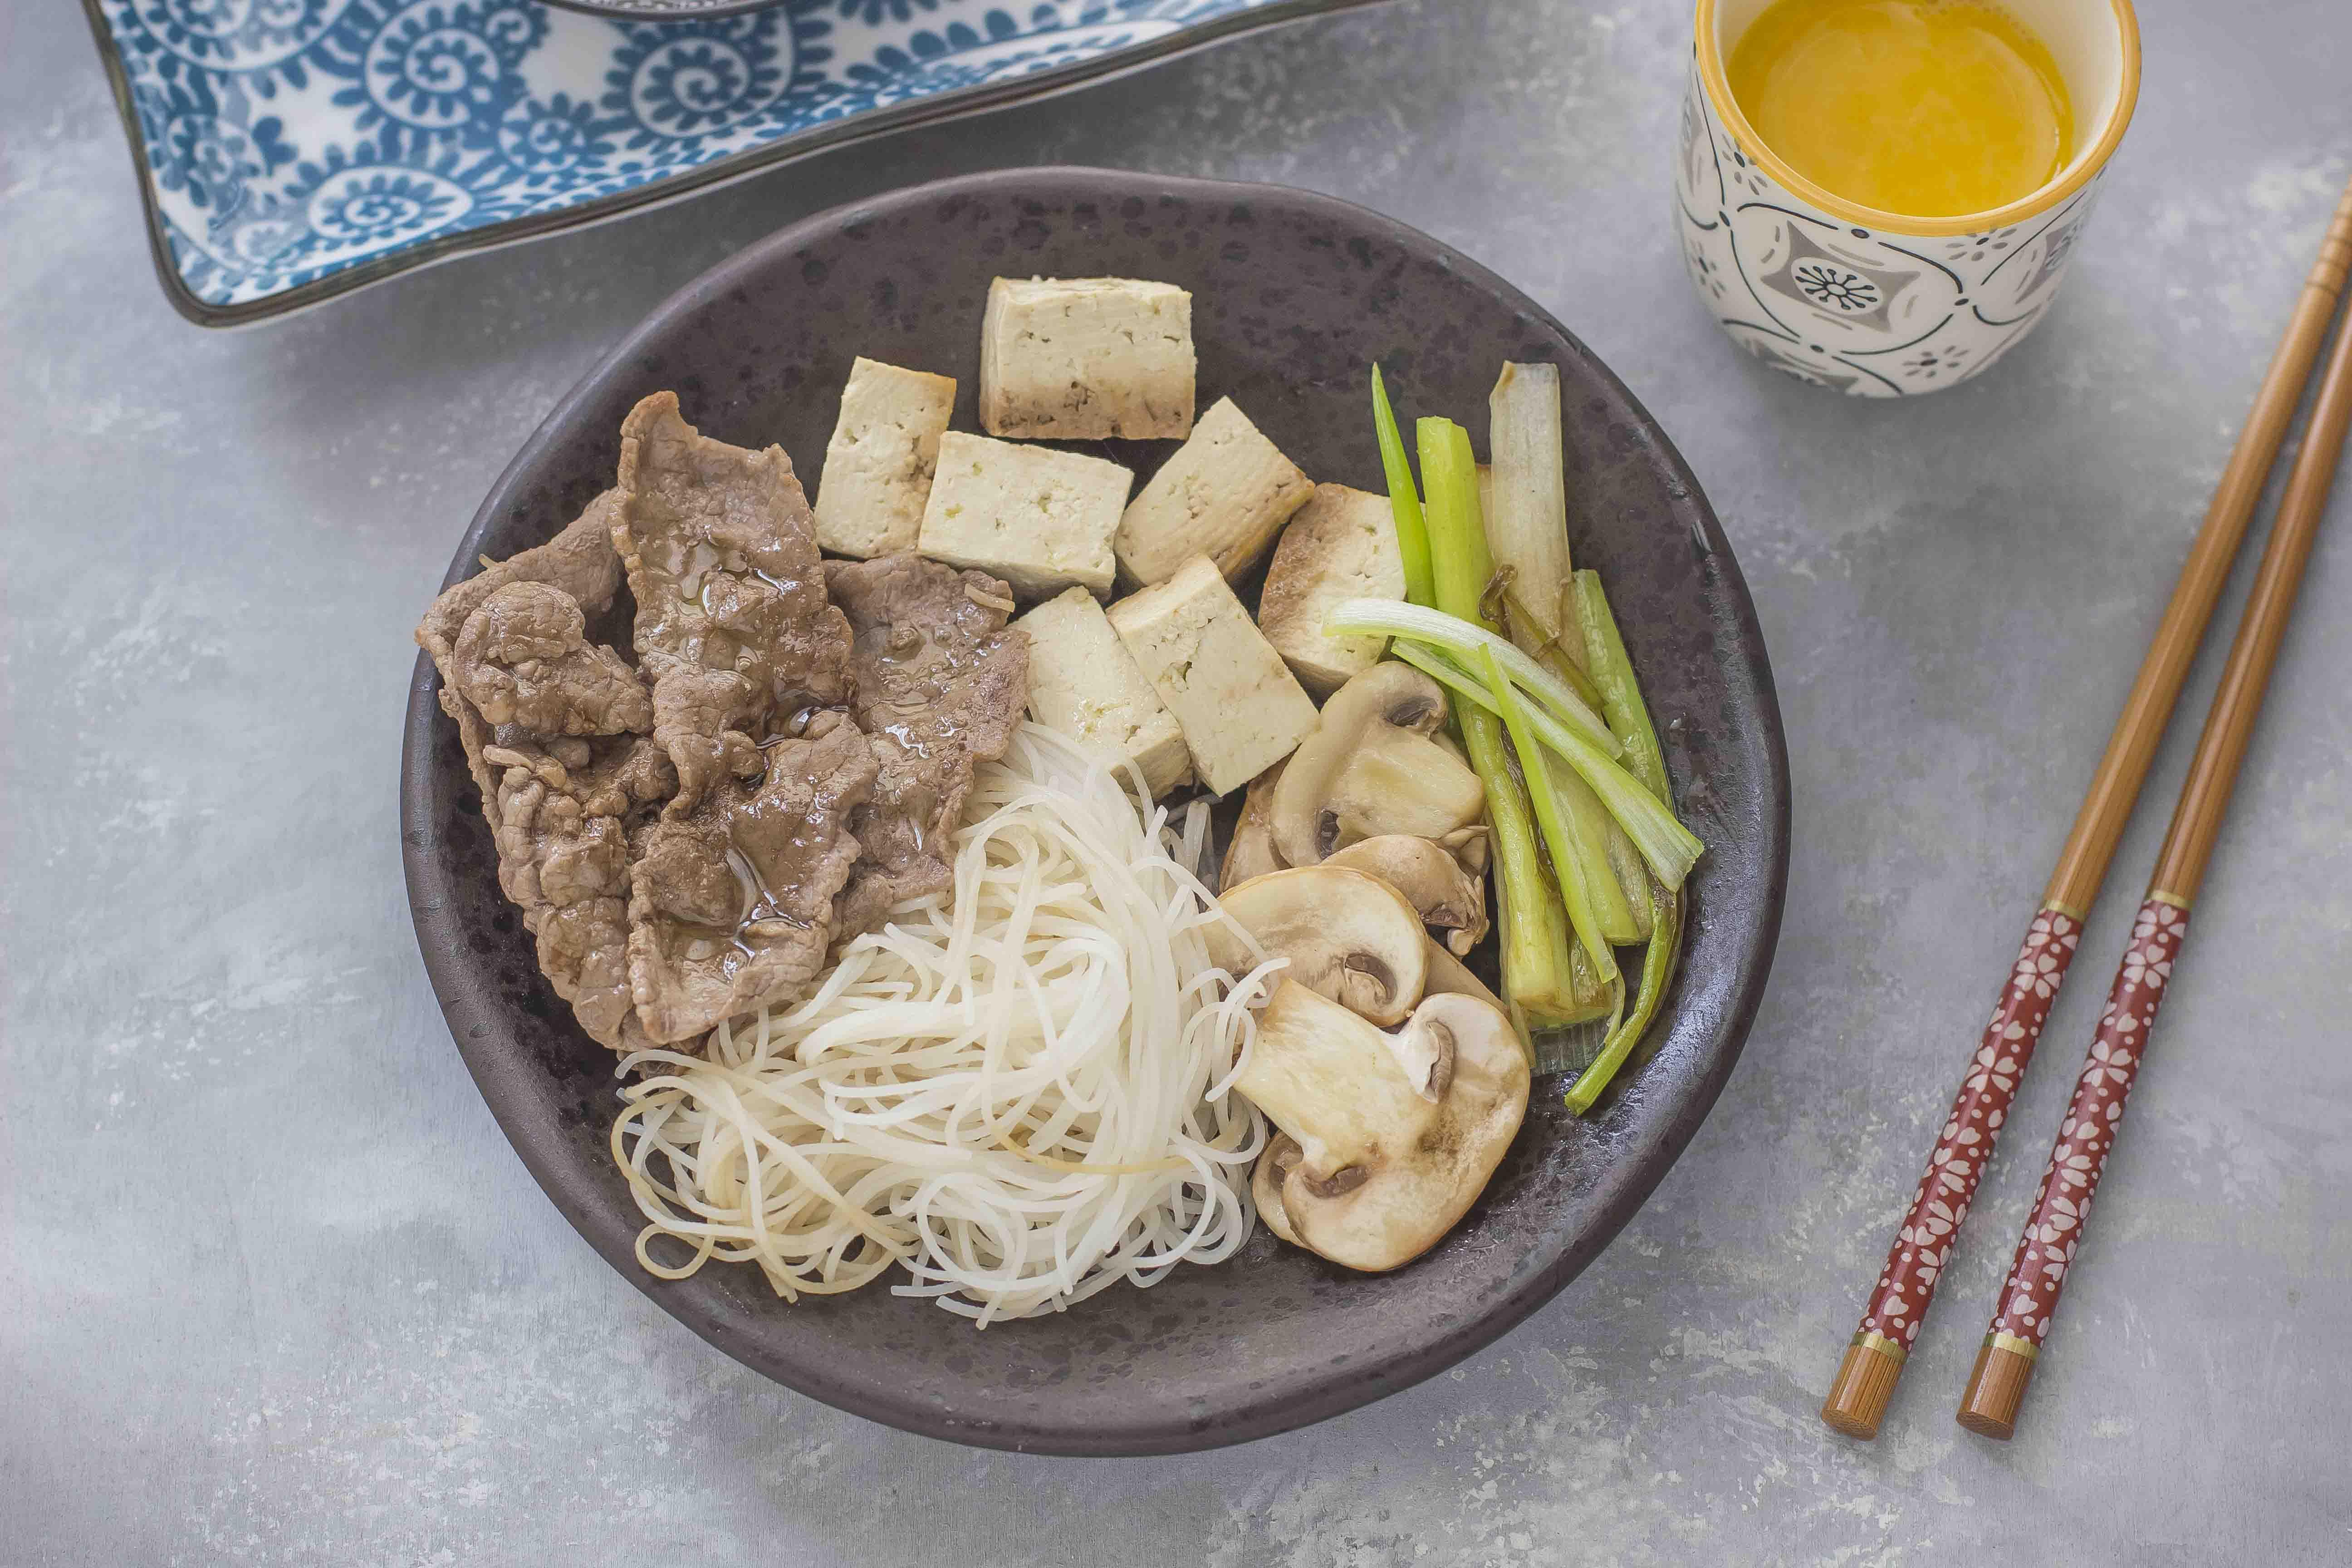 Ricette cucina giapponese con foto ricette popolari sito for Siti di ricette cucina